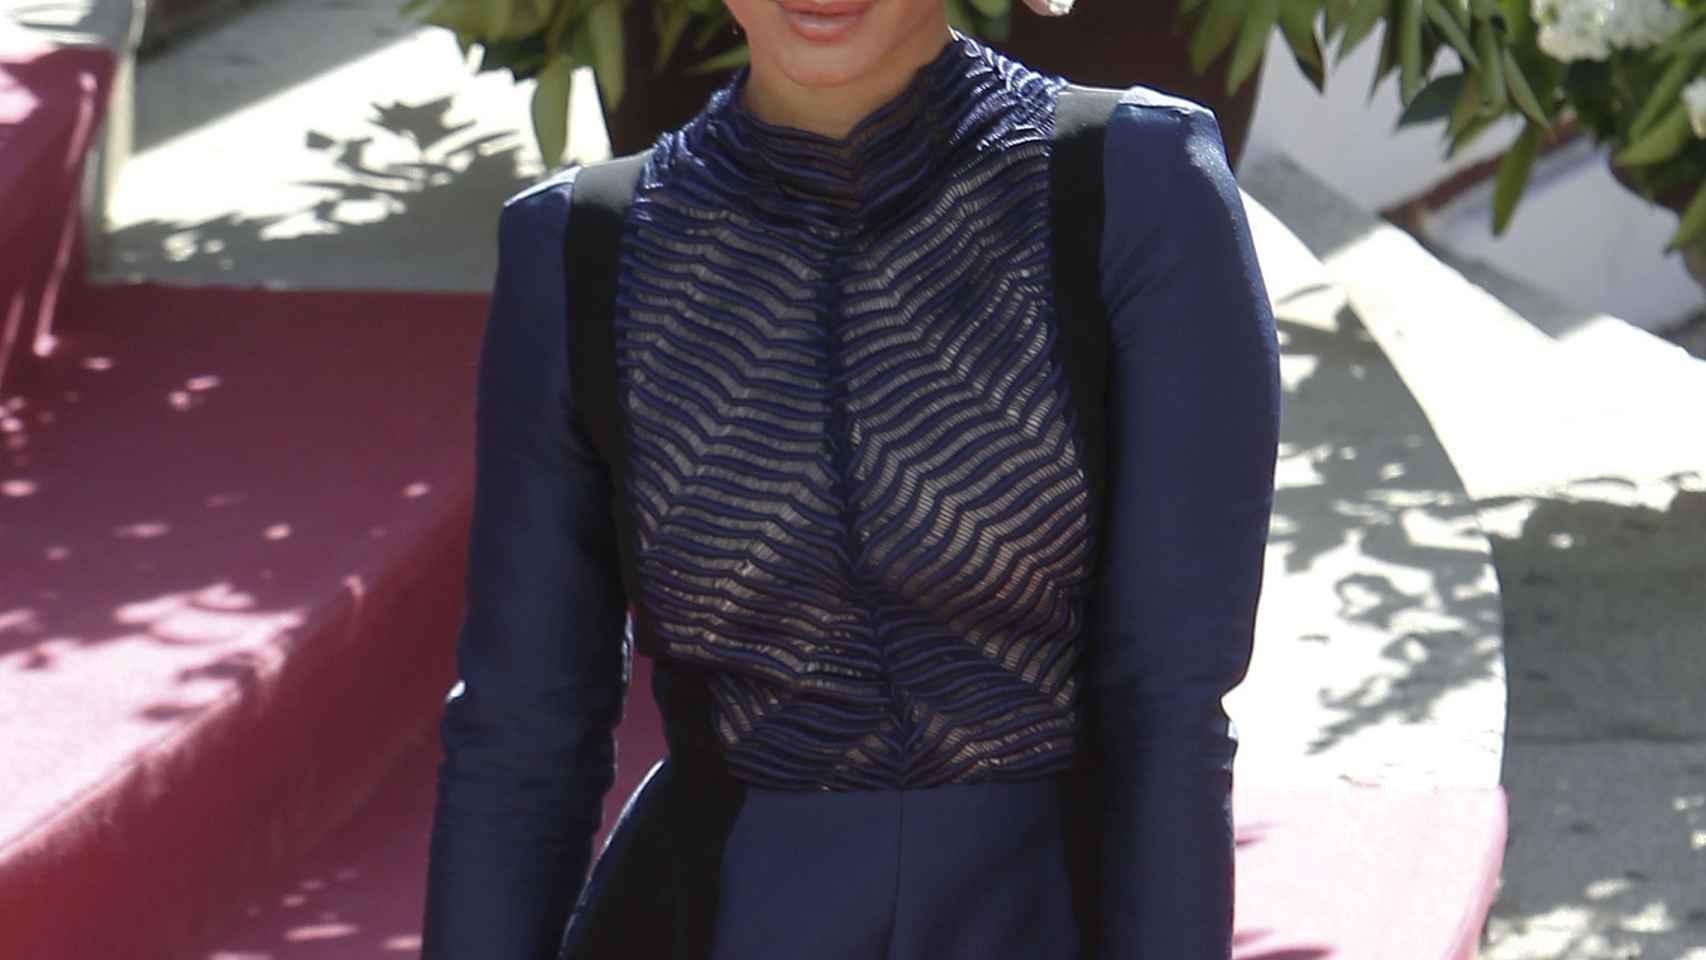 Elena Tablada con traje armado y cartera de YSL